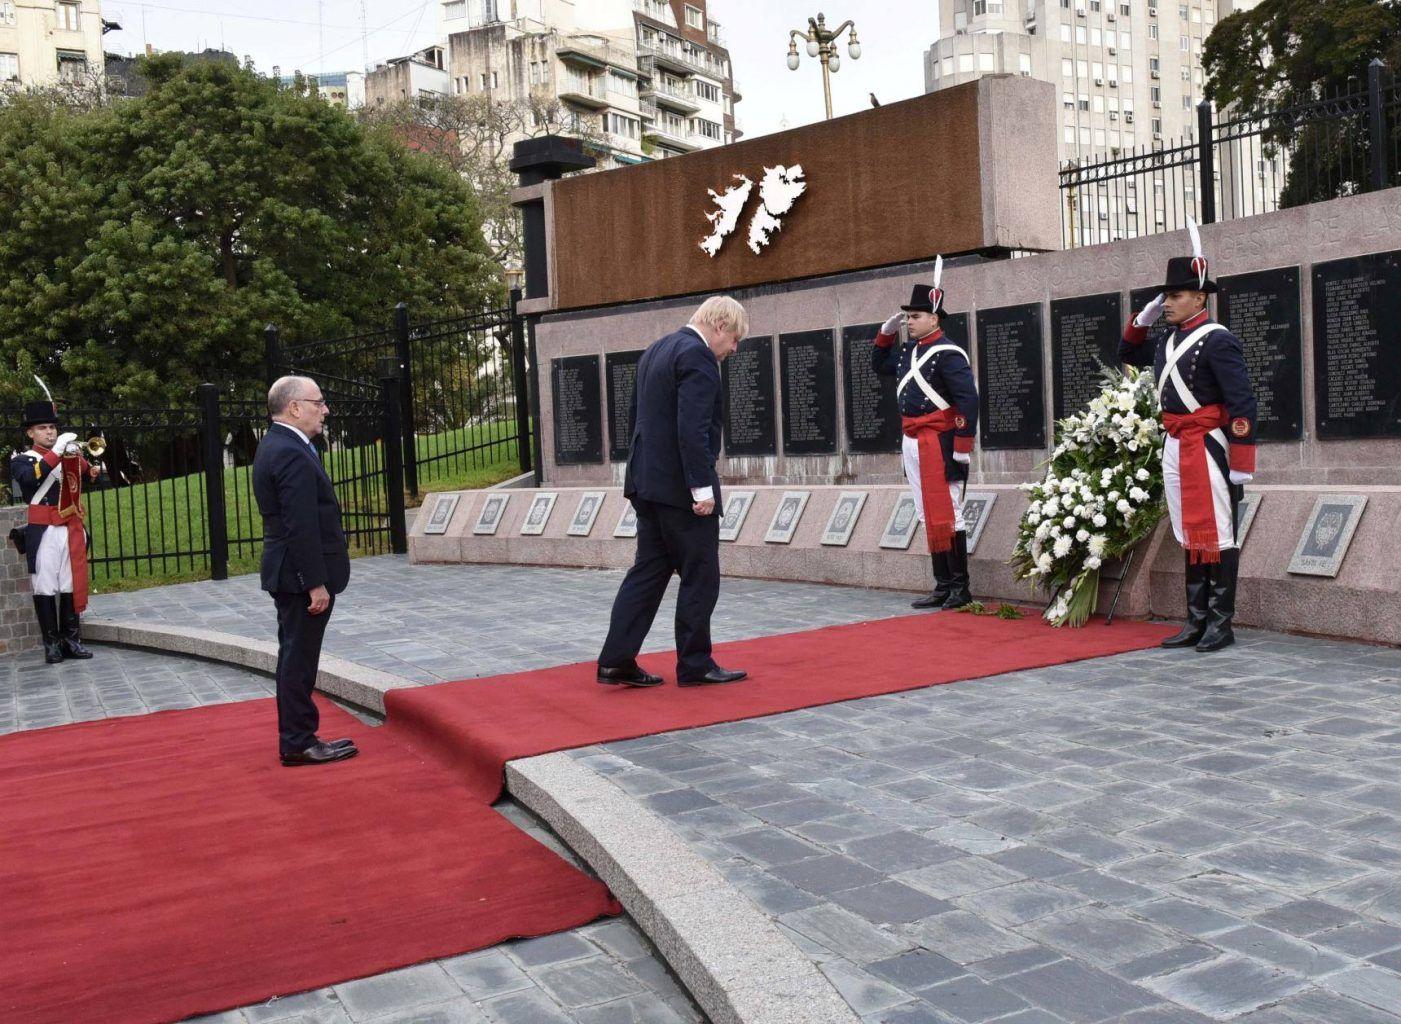 Buenos Aires: El secretario de Estado para Asuntos Exteriores del Reino Unido, Boris Johnson, acompañado por el canciller Jorge Faurie, depositó esta tarde una ofrenda floral en homenaje a los soldados argentinos caídos en la Guerra de Malvinas, en el cenotafio erigido en la Plaza San Martín, de Retiro. Foto: Prensa Cancillería/Télam/cf 20052018